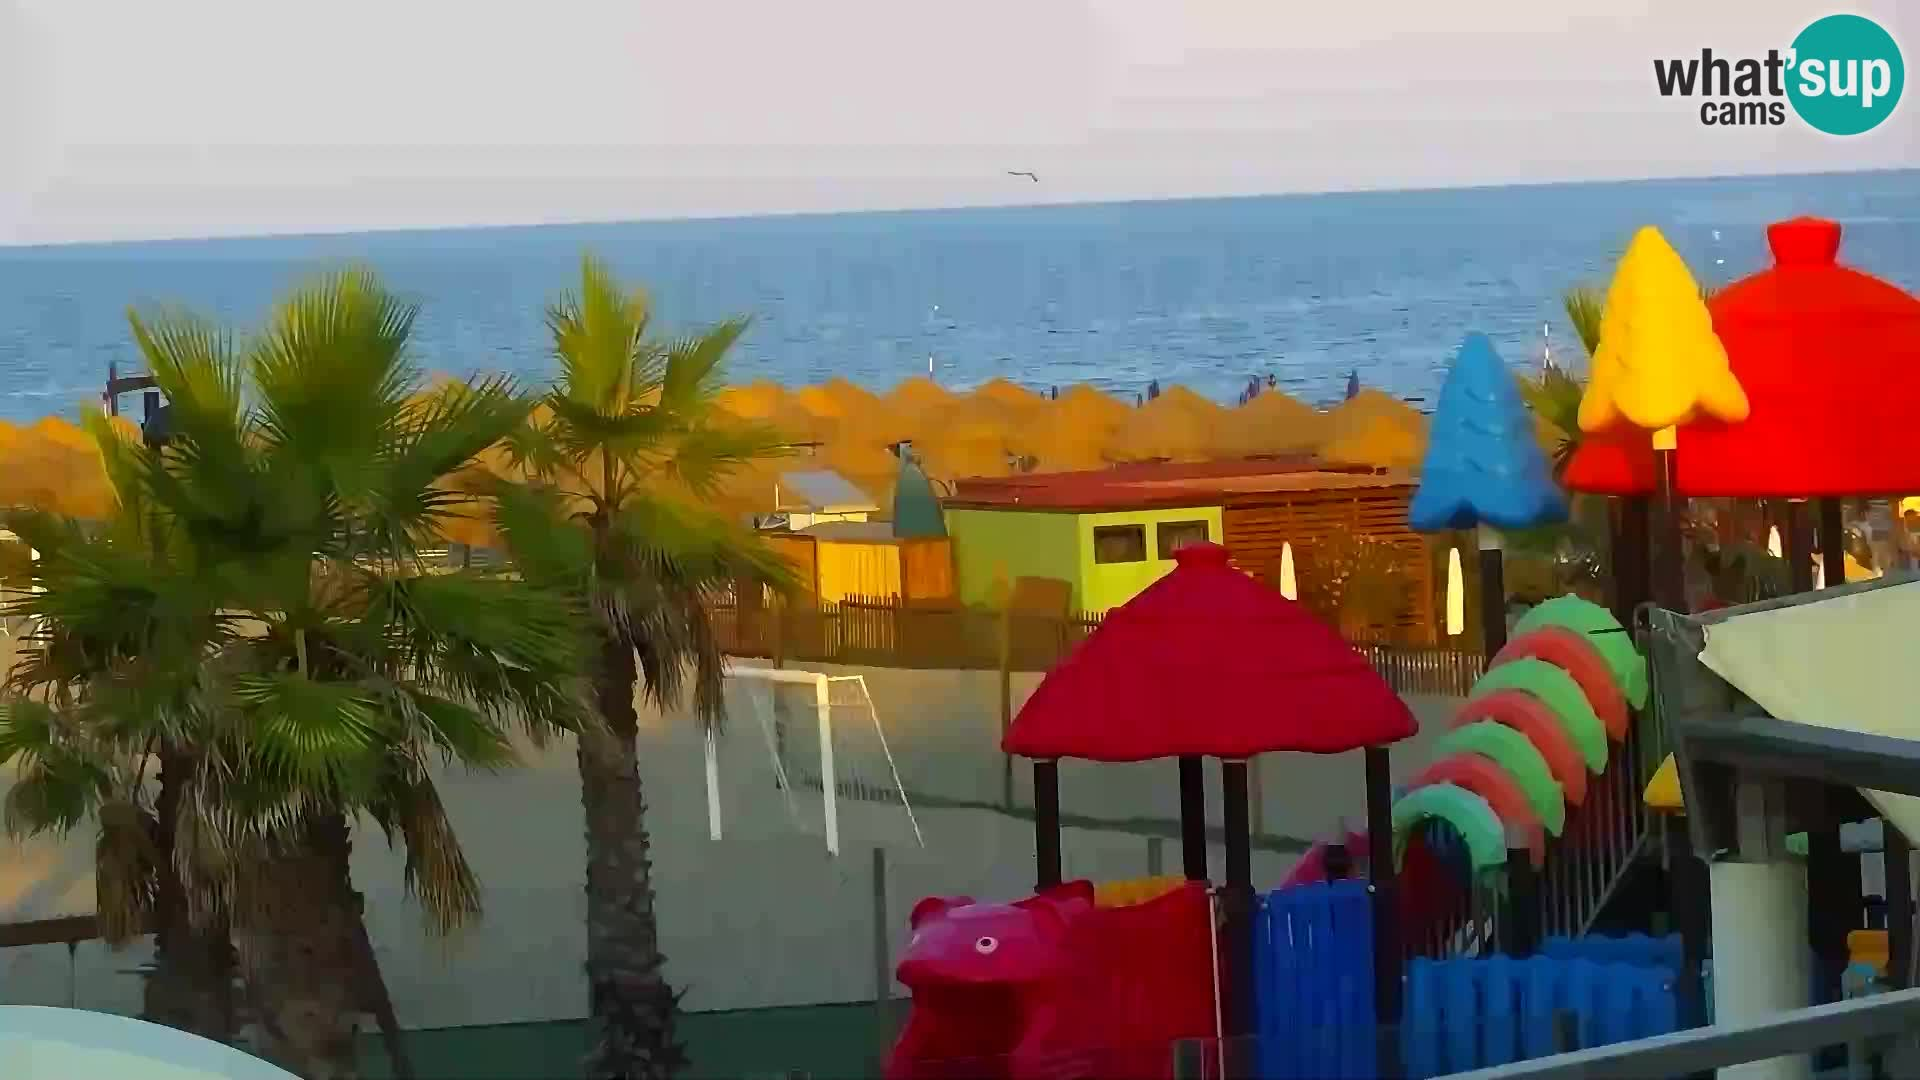 Feriendorf Rosapineta Sud – webcam